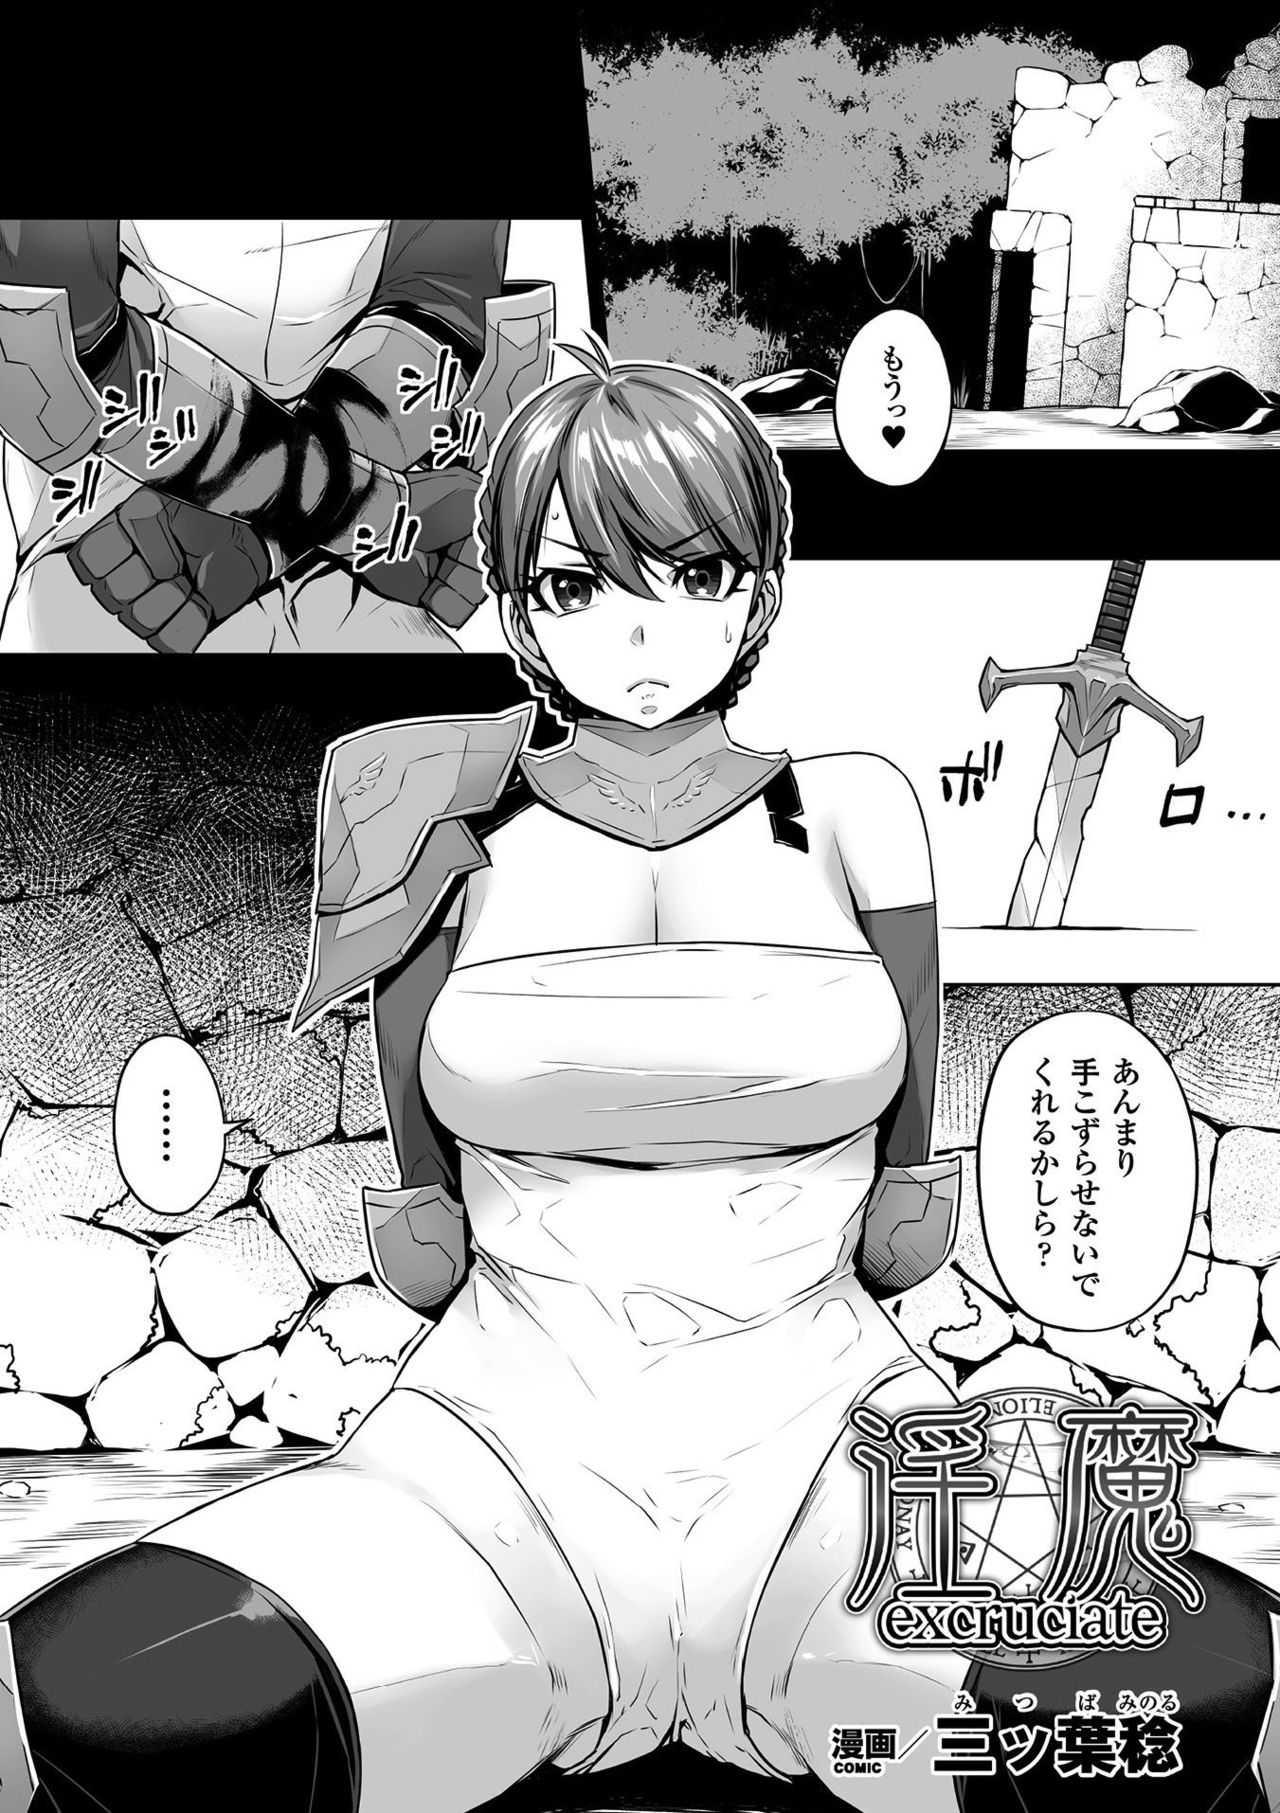 【エロ漫画】サキュバスに捕えられた女騎士…媚薬をぶっかけられ濃厚レズレイプ何度もイかされてしまうwww【三ッ葉稔:淫魔】